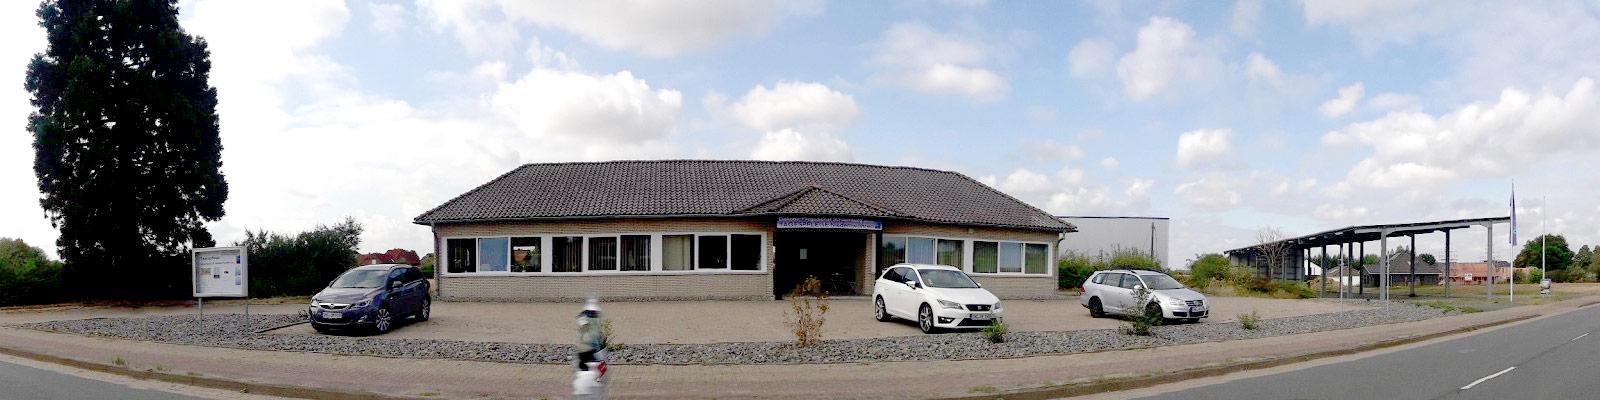 Diakonie Pflegedient Schaumburg Standort Niedernwöhren